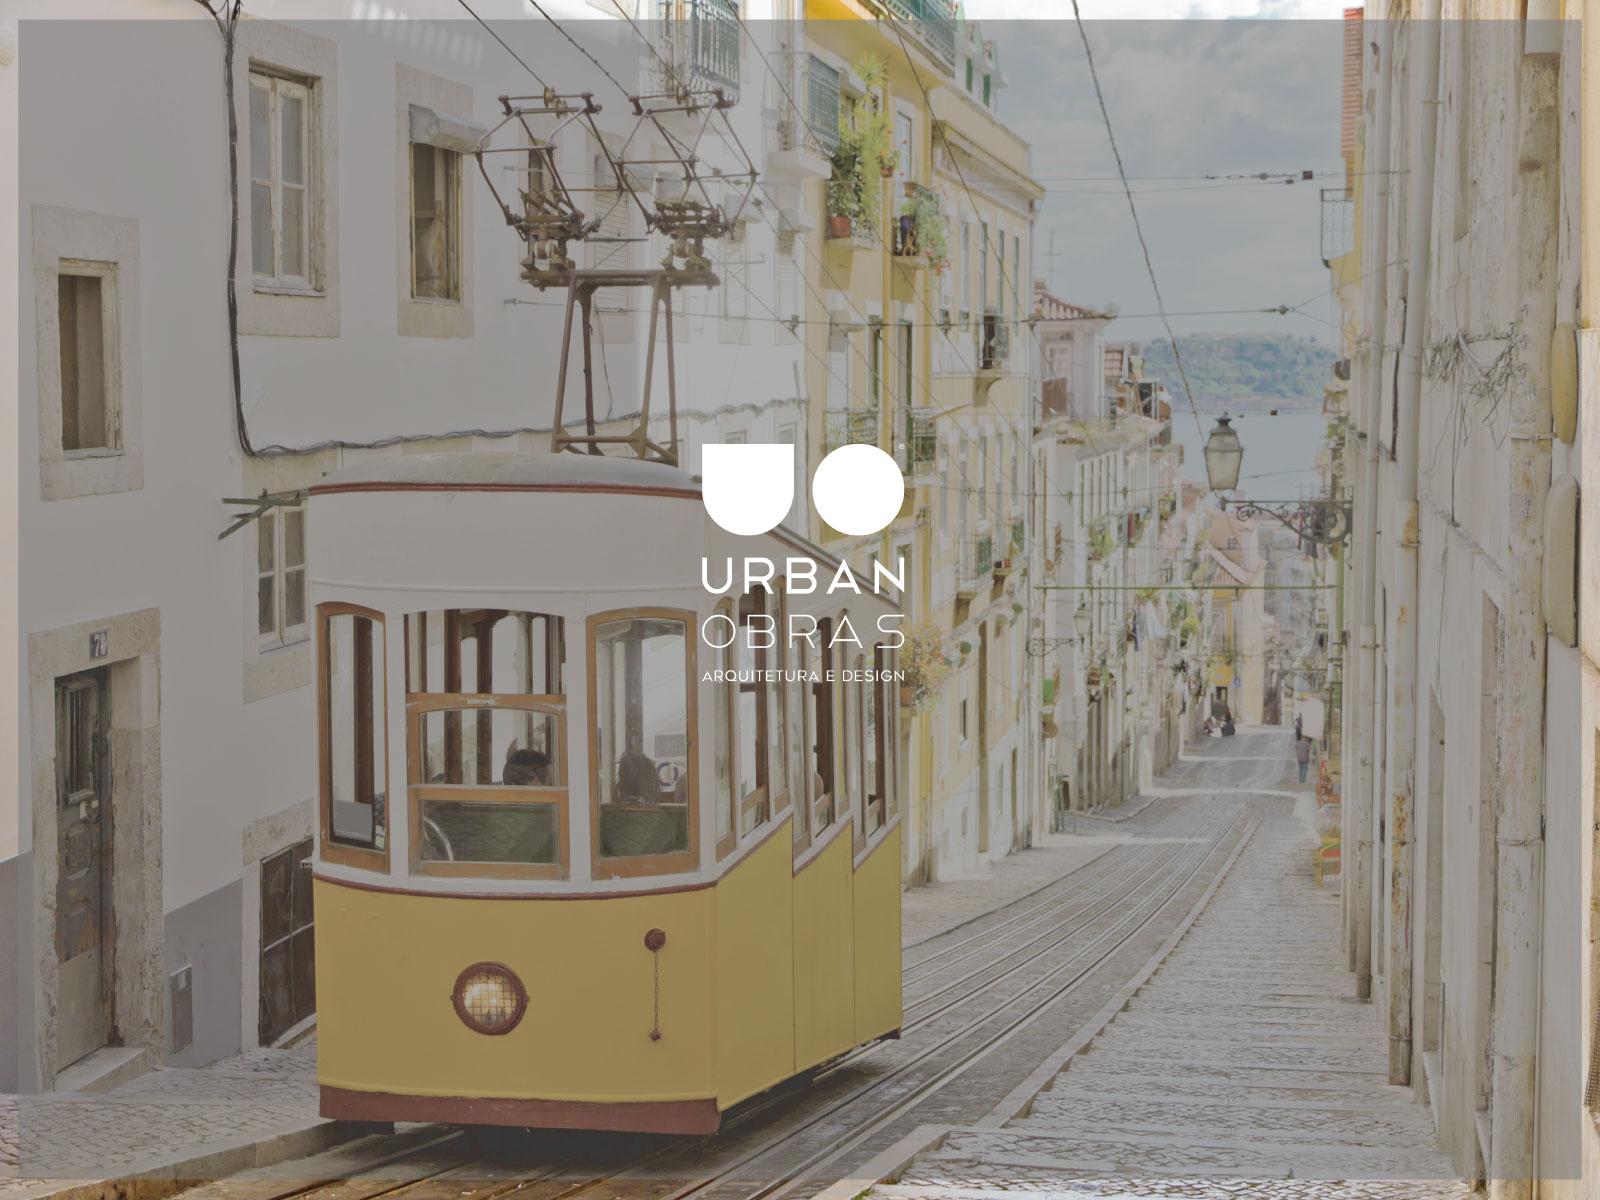 Franchising Urban Obras assina novo franchising e reforça em Lisboa